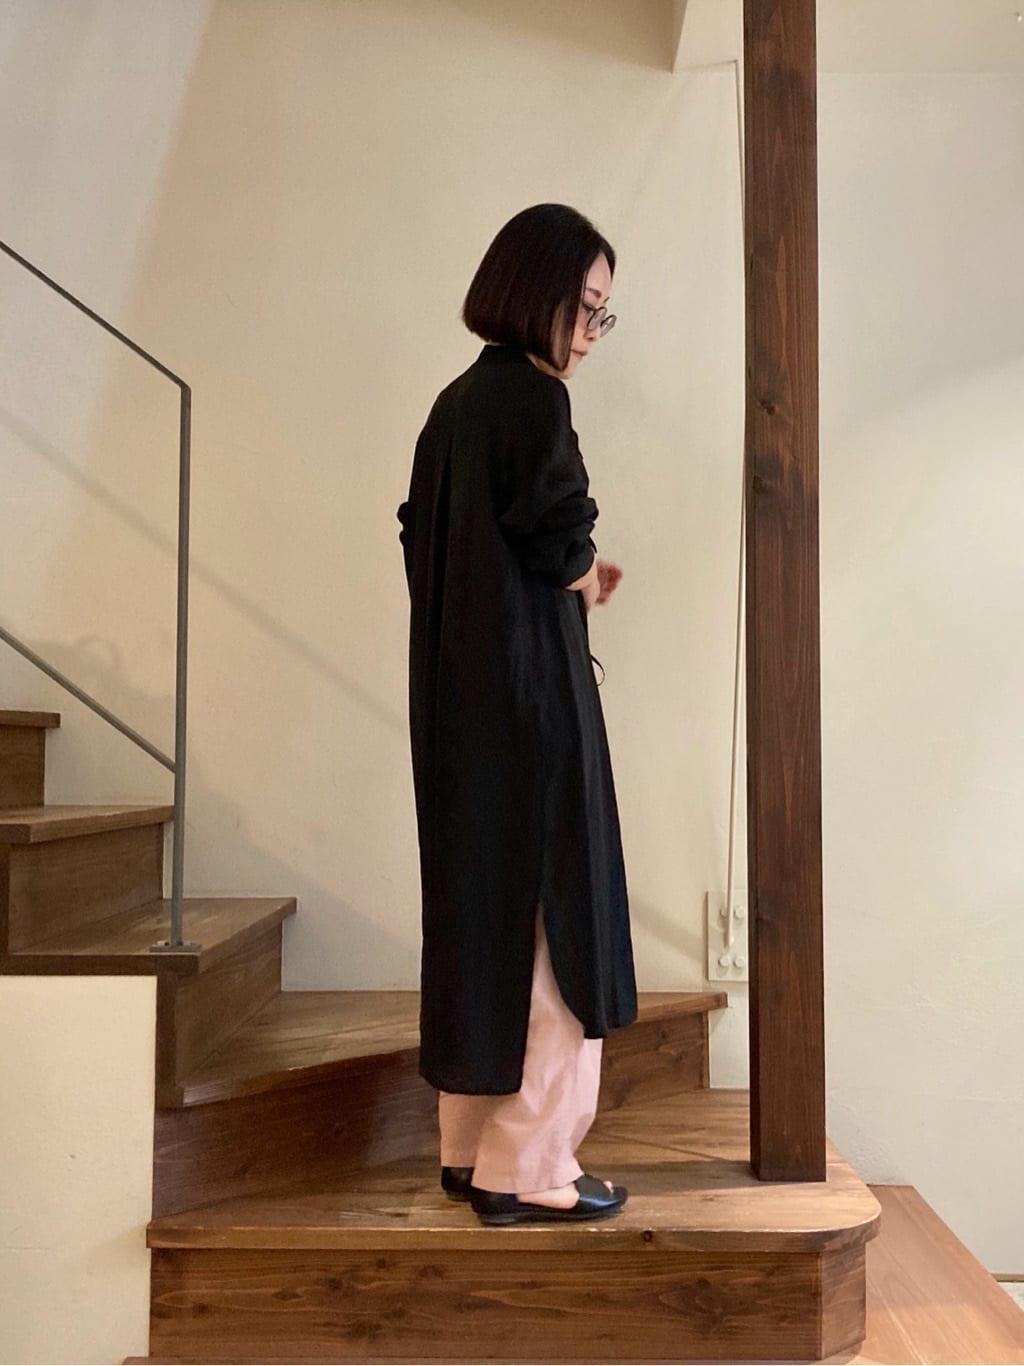 yuni 京都路面 身長:152cm 2021.09.09